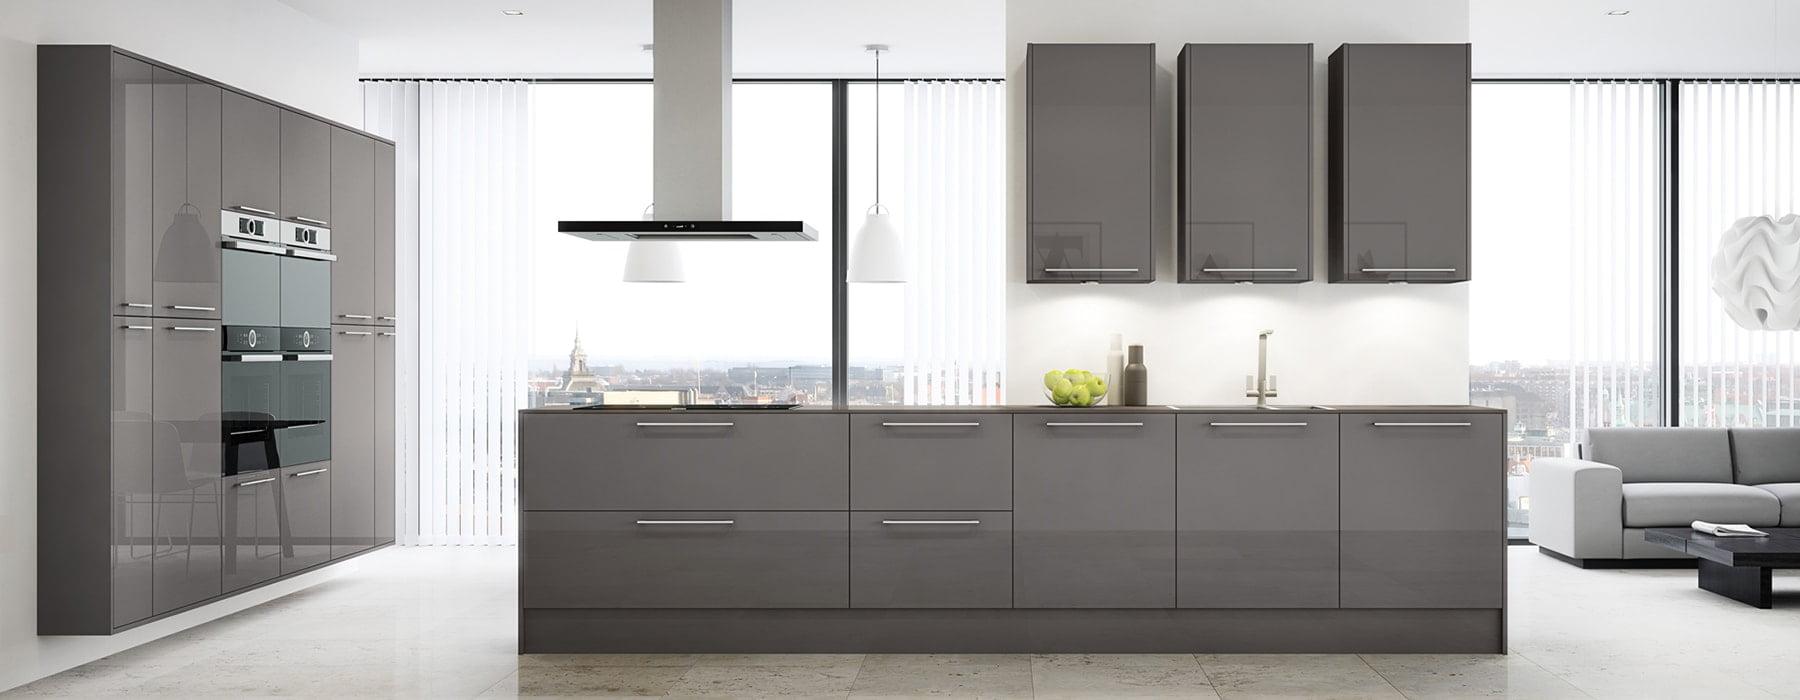 image dakota kitchen